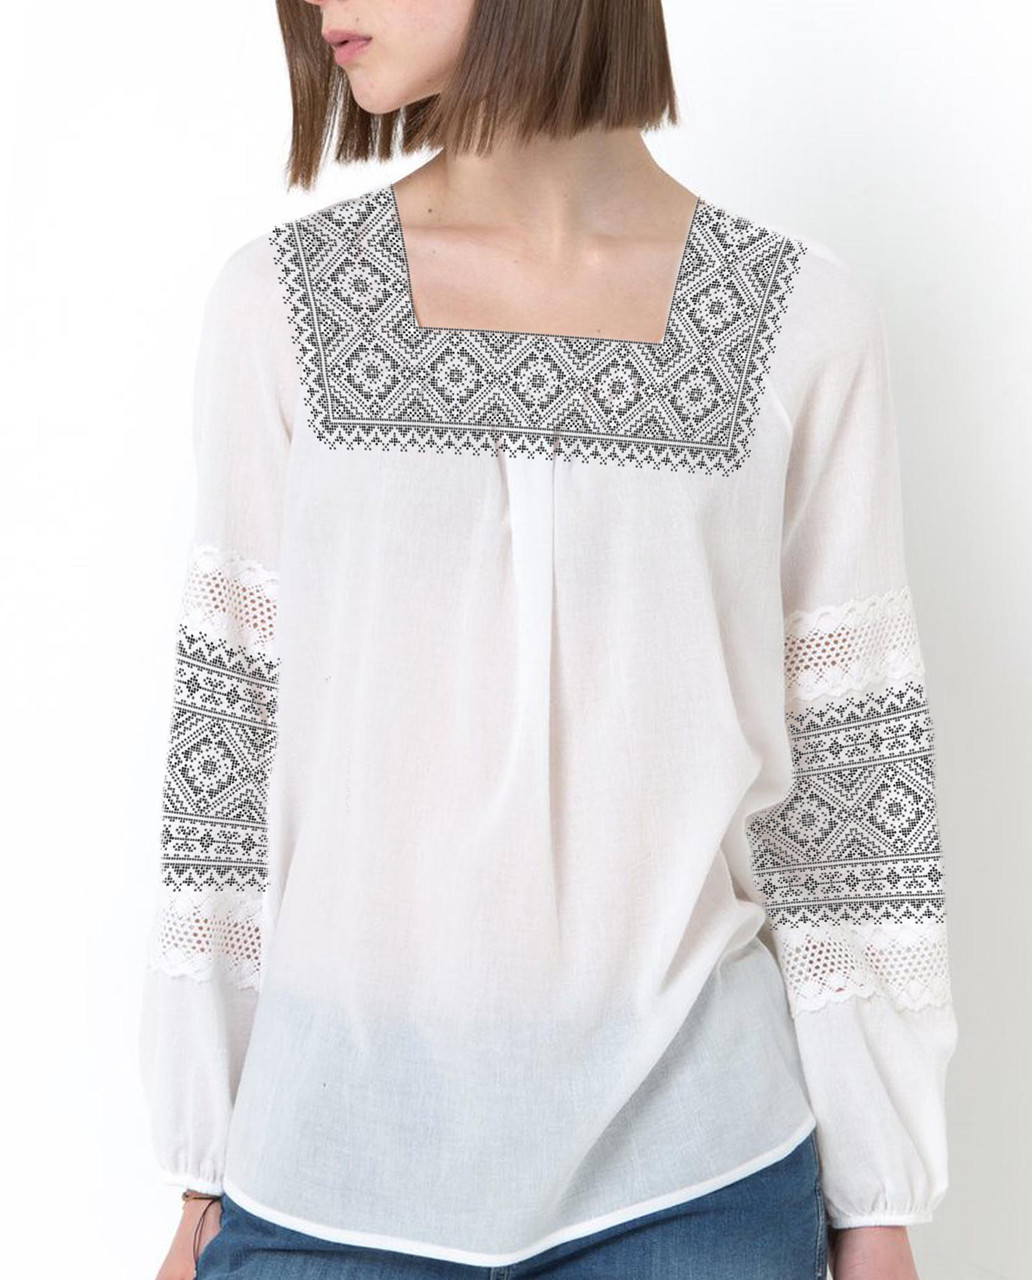 Заготовка вышиванки женской сорочки / блузы для вышивки бисером «Сірий орнамент 72»